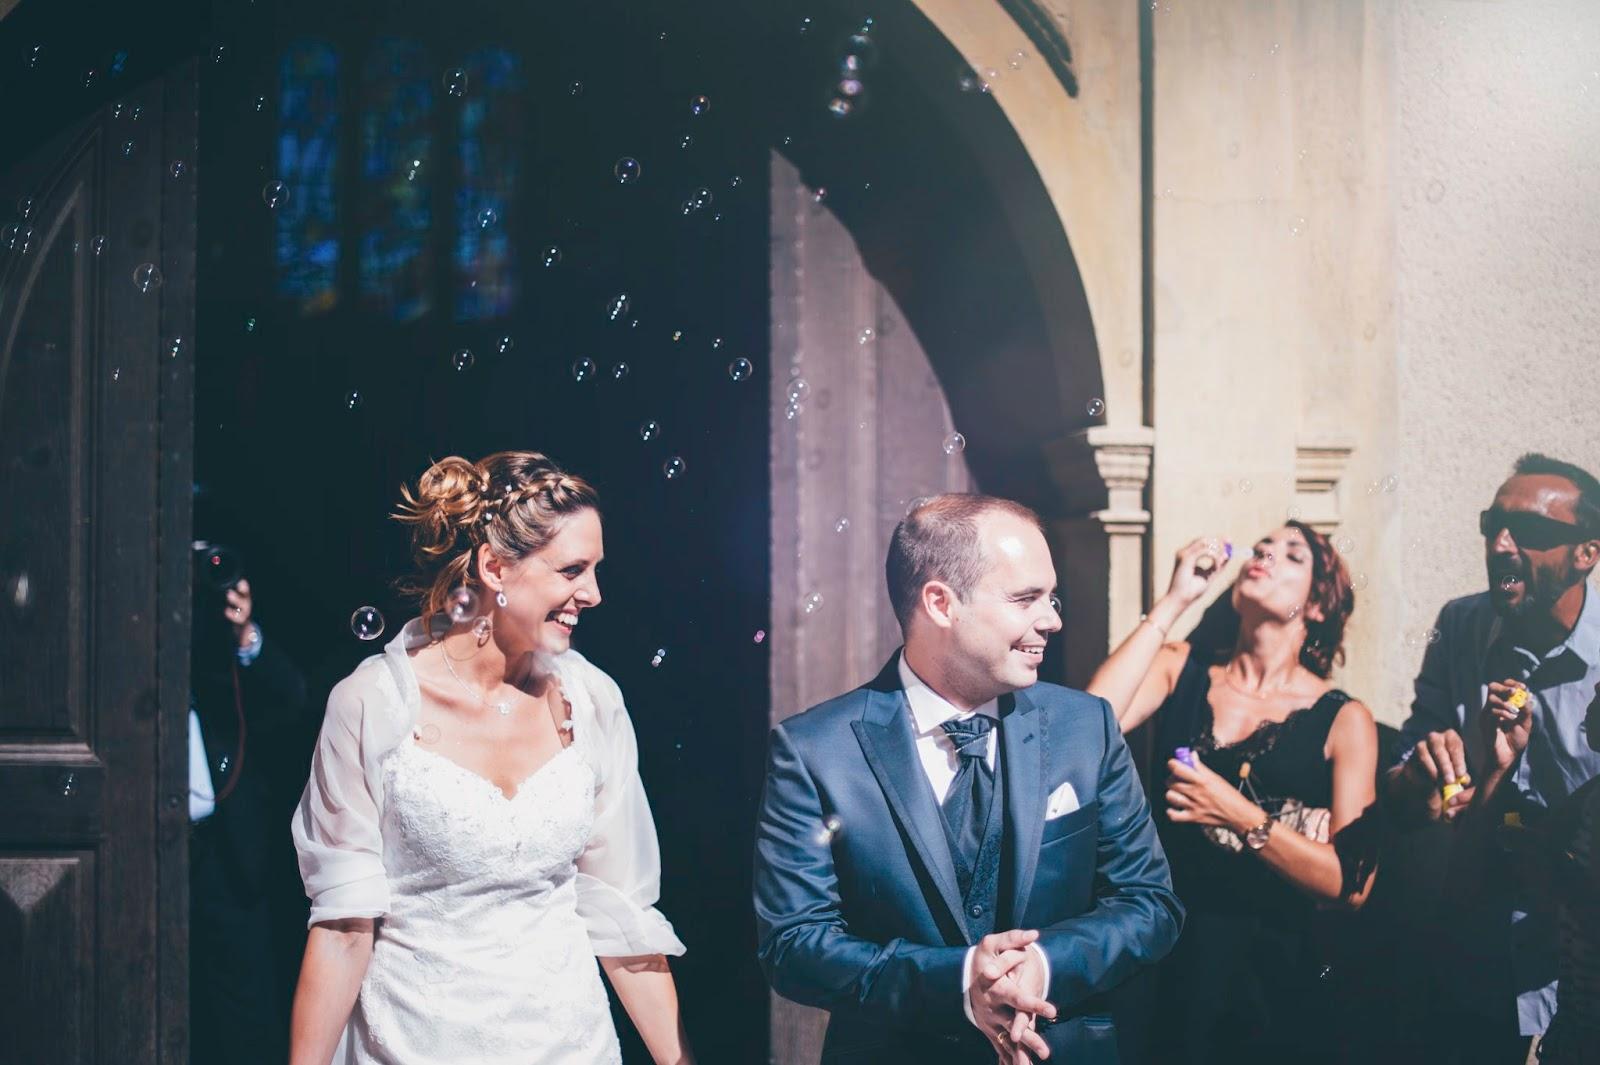 photographe mariage Lyon Roanne saint cyr sur le rhone X-PRO2